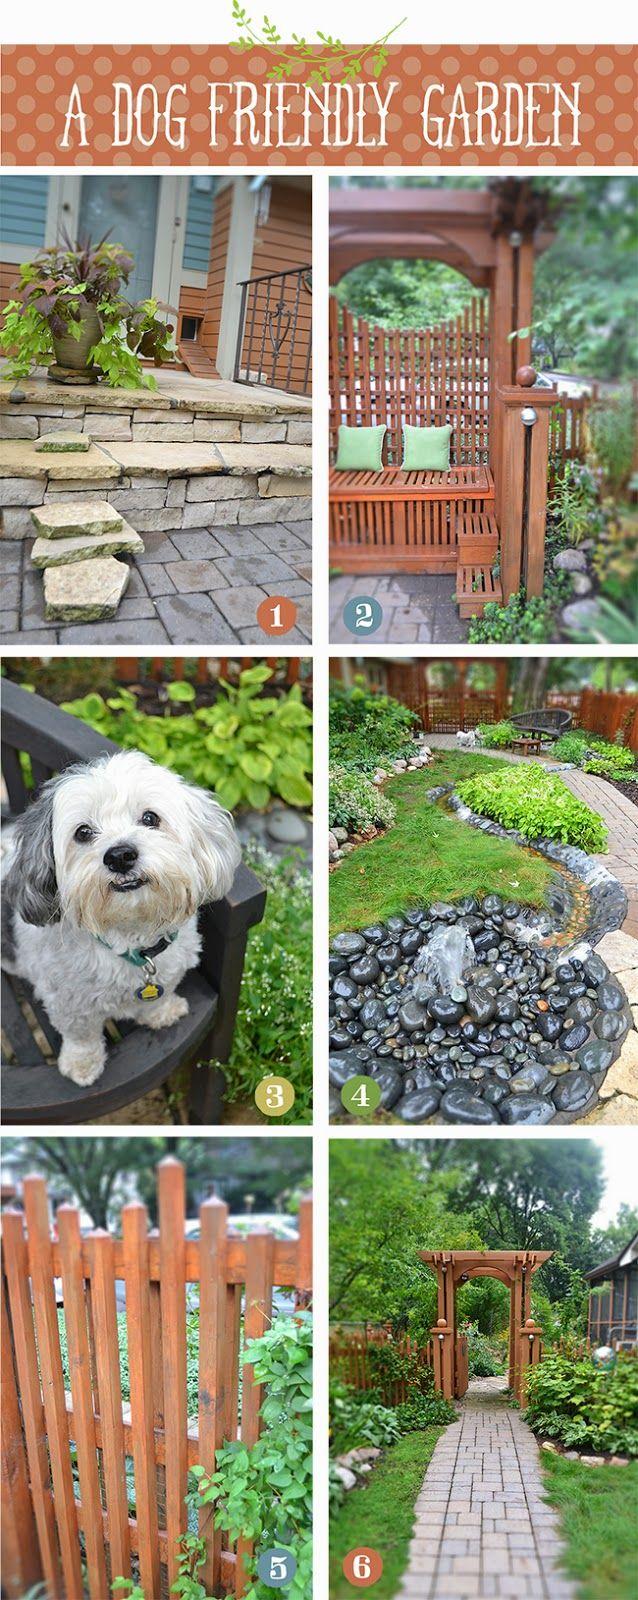 Lisa Orgler Design: A DOG FRIENDLY GARDEN